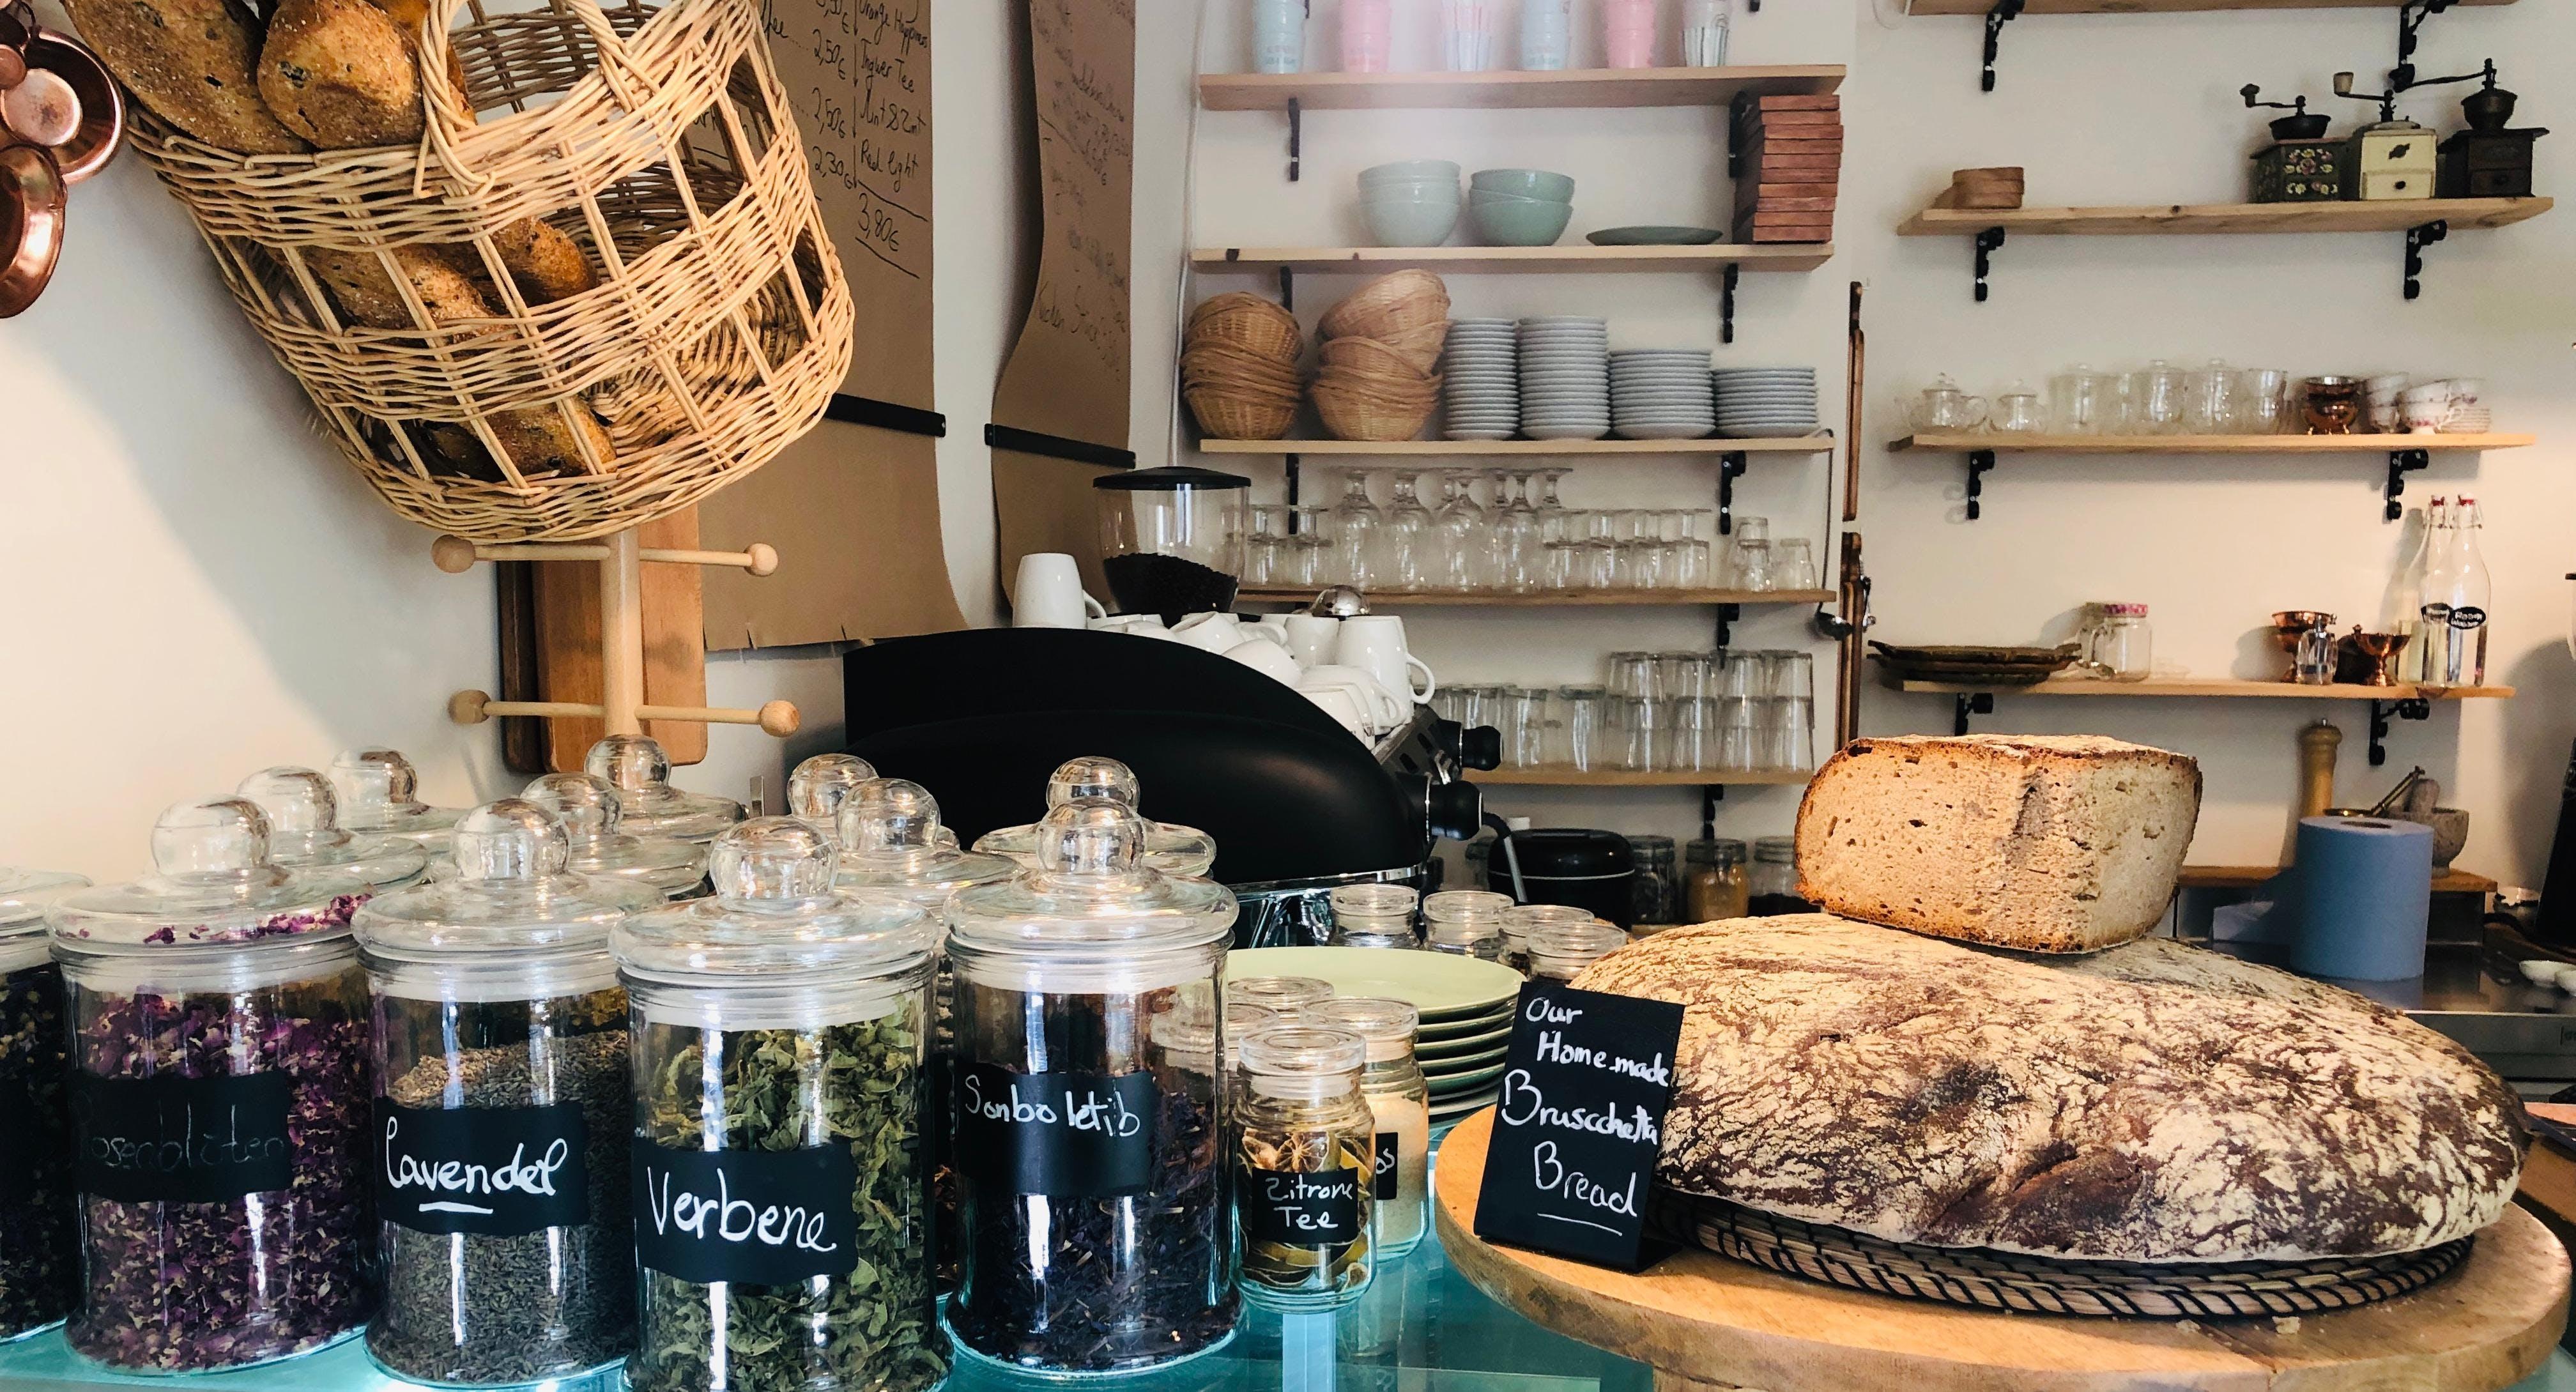 La Violetta Cafe